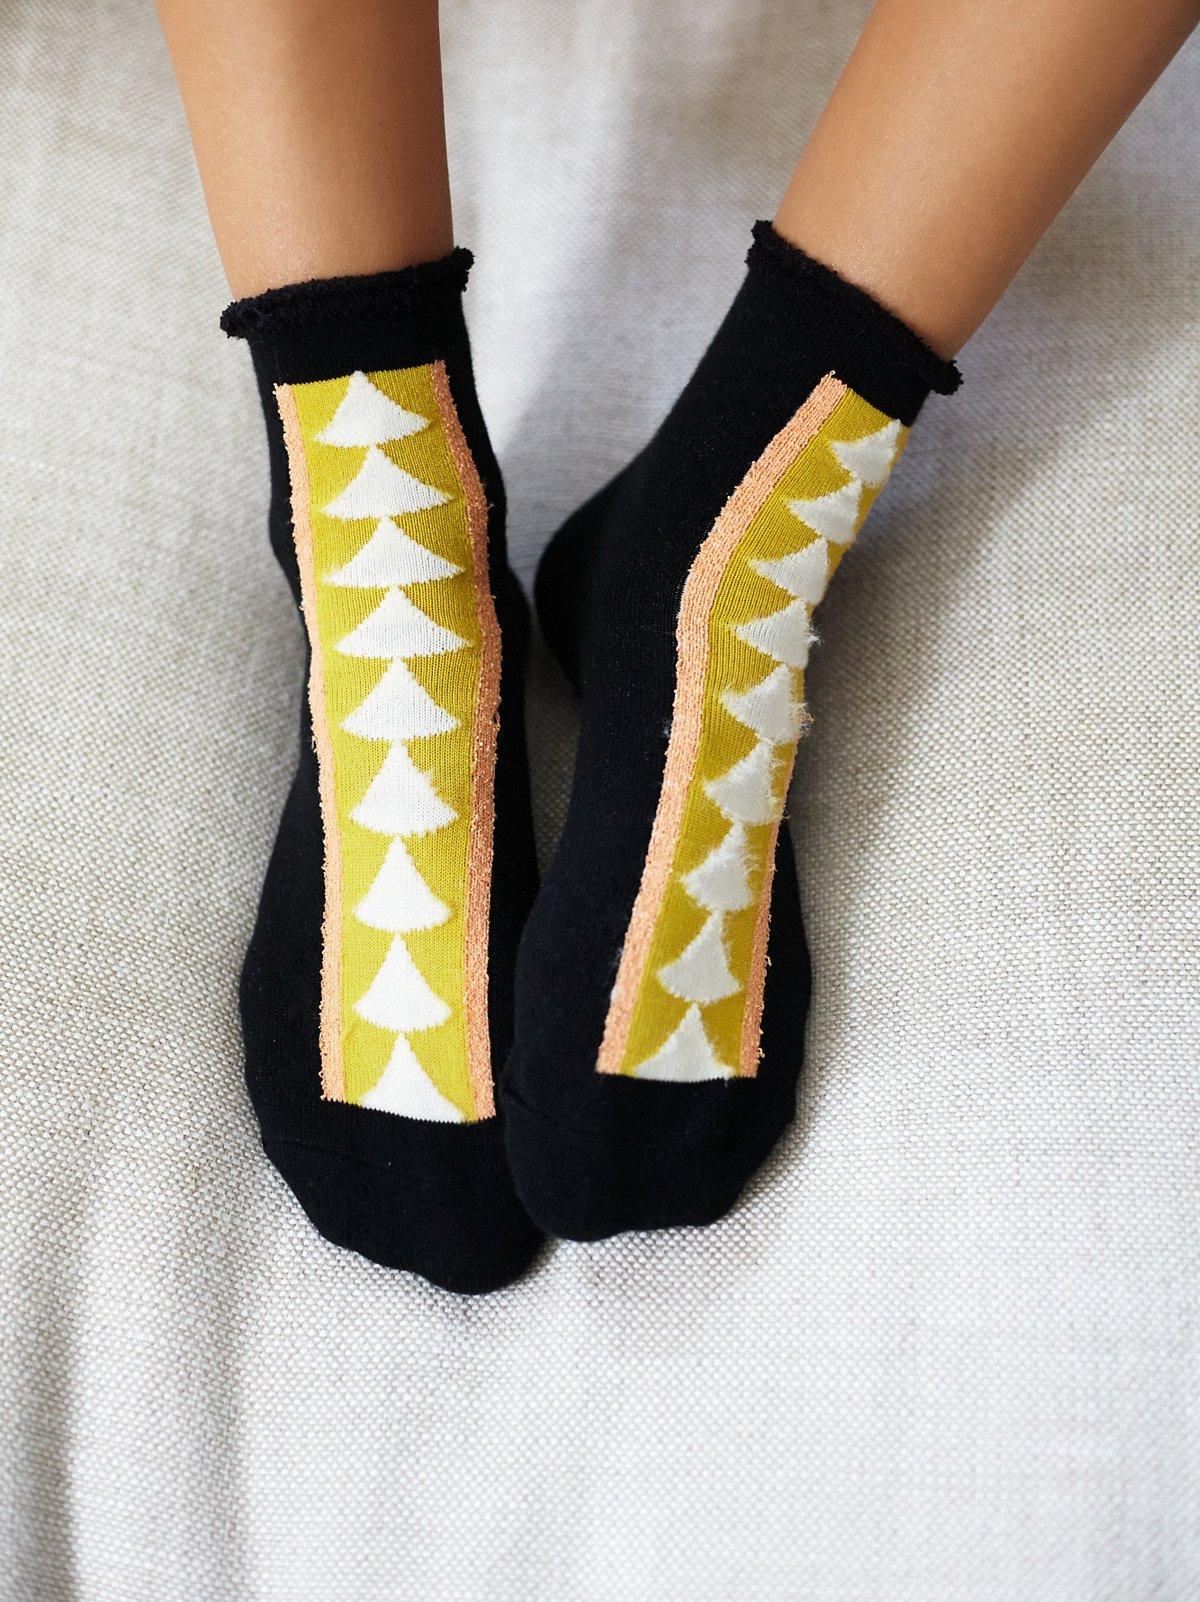 Up短筒袜